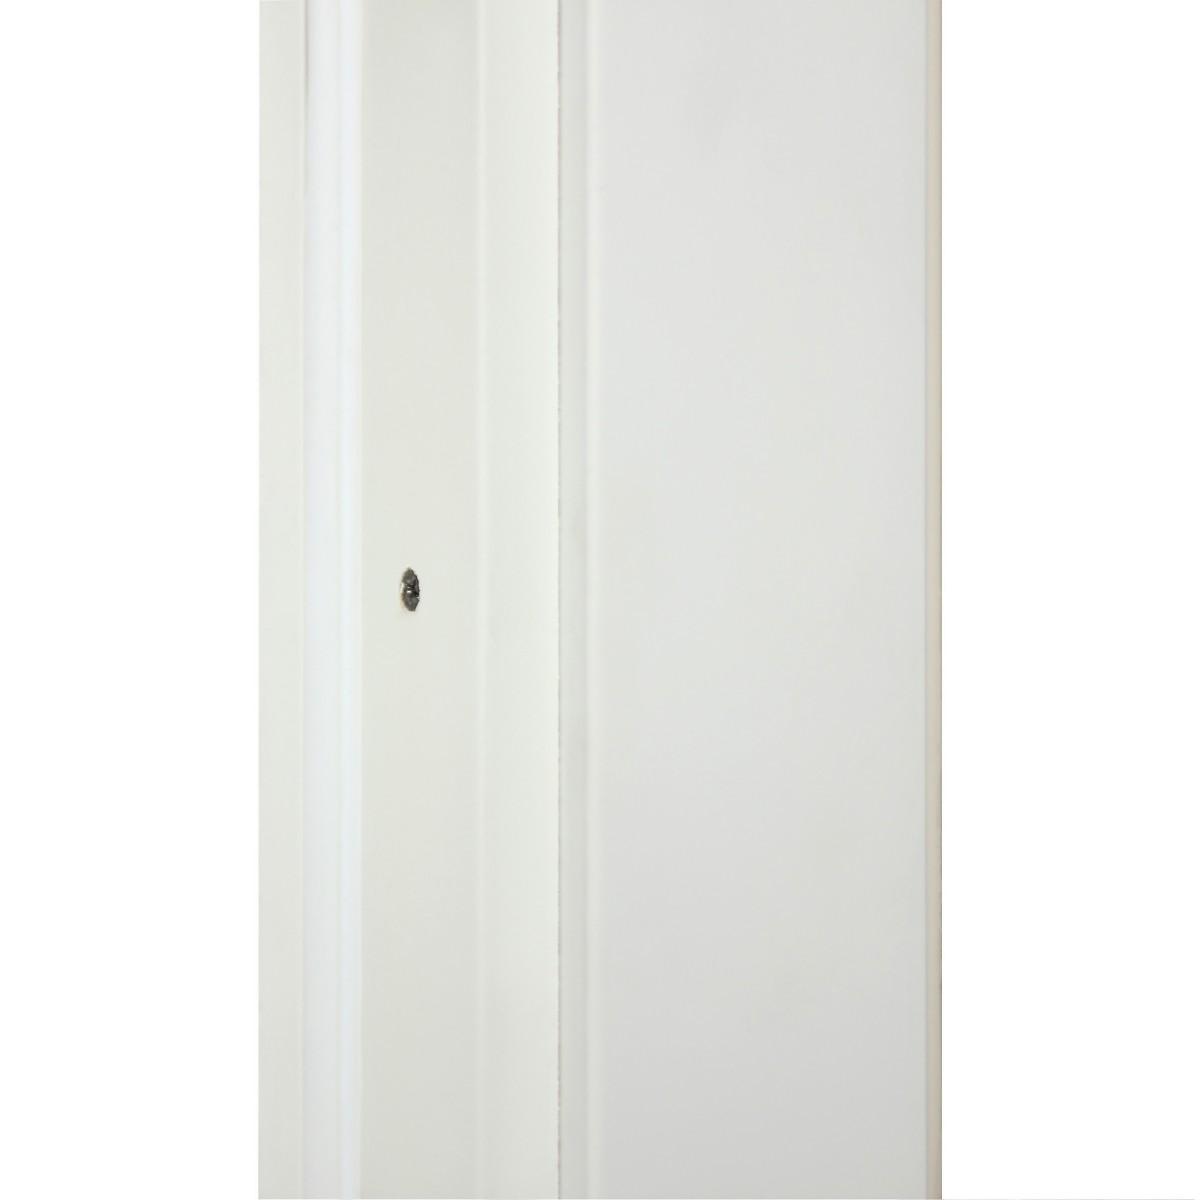 Дверь Межкомнатная Глухая Дэлия 90x200 Цвет Белый